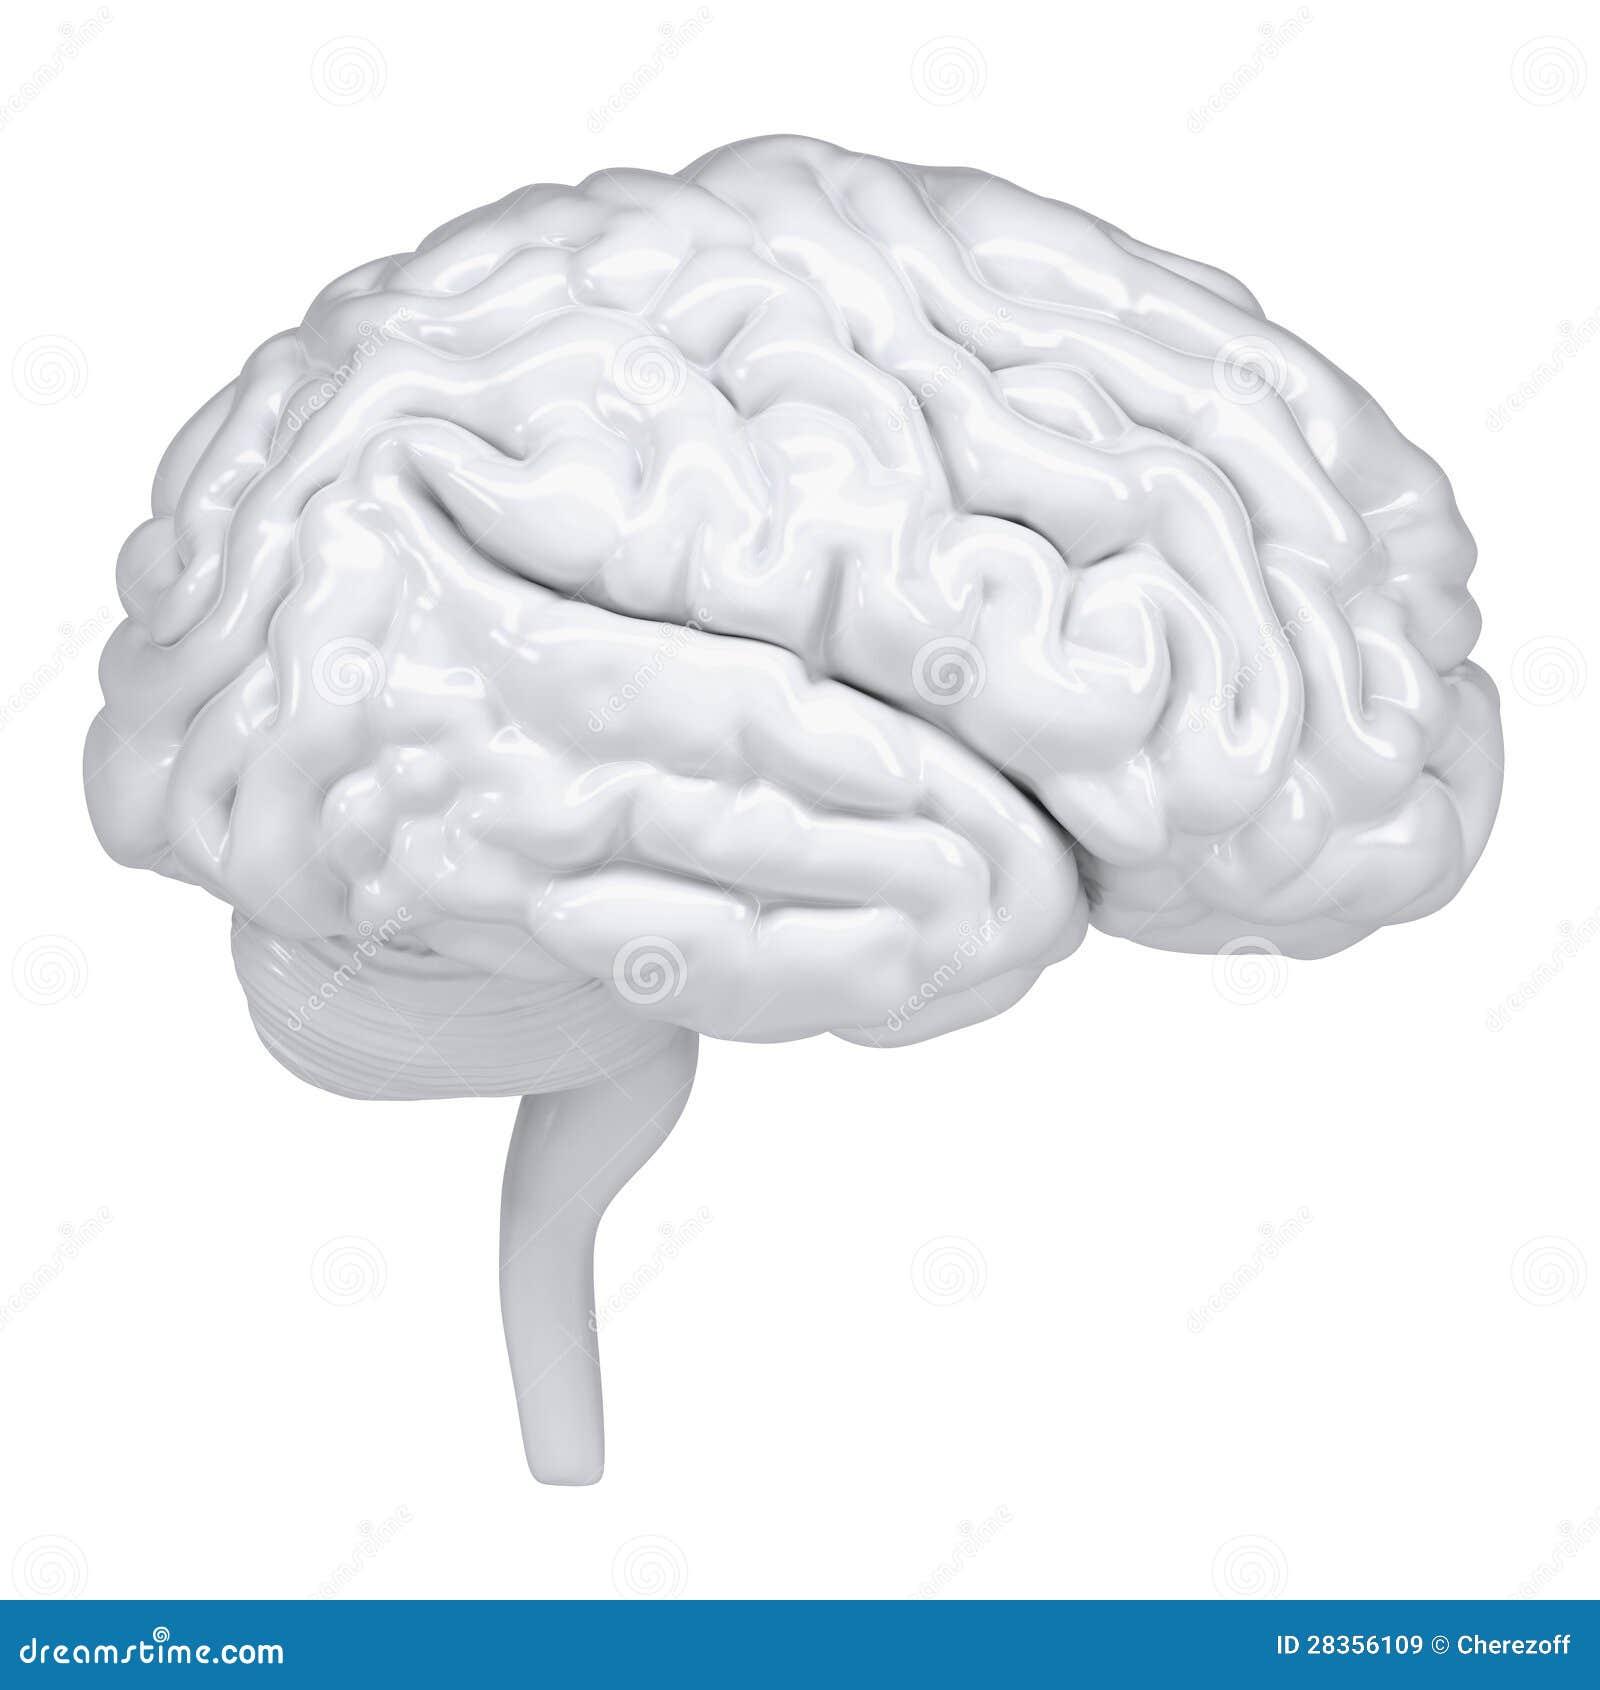 Fantastisch Anatomie Des Gehirns Ct Ideen - Menschliche Anatomie ...